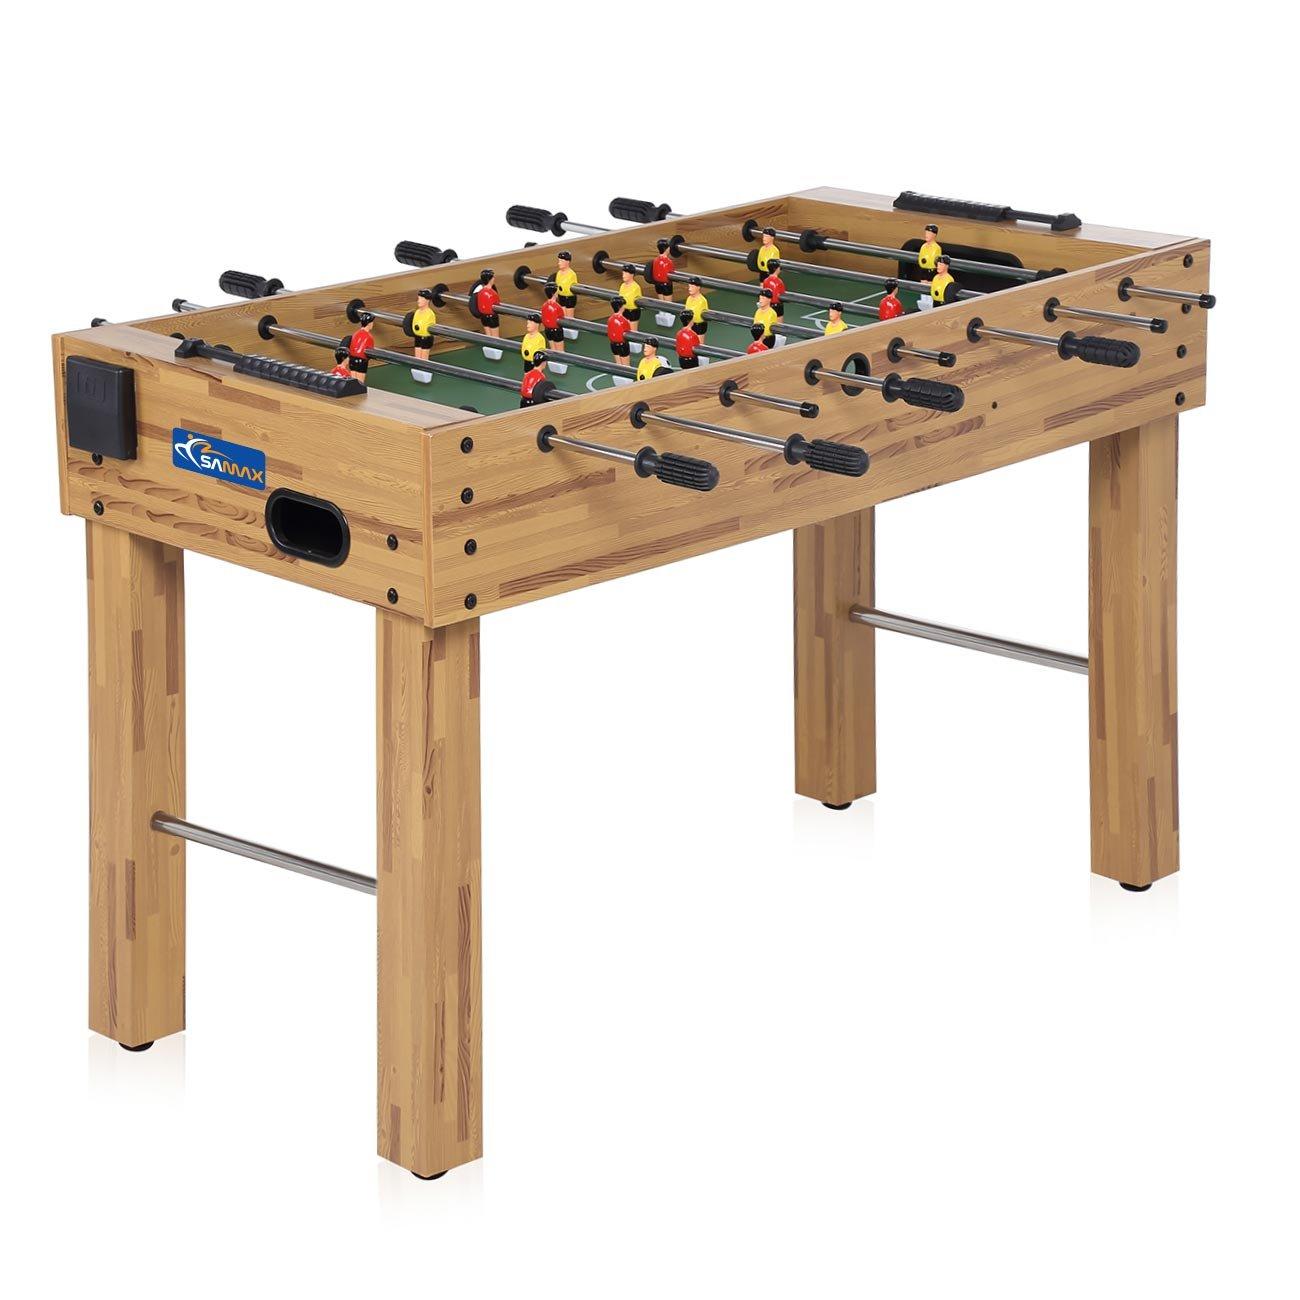 SAMAX Table de Babyfoot Jouer au Baby-foot comprenant 2 Porte-Gobelets Dépliables 4 balles en bois table de baby-foot Poignées en Caoutchouc Antidérapantes